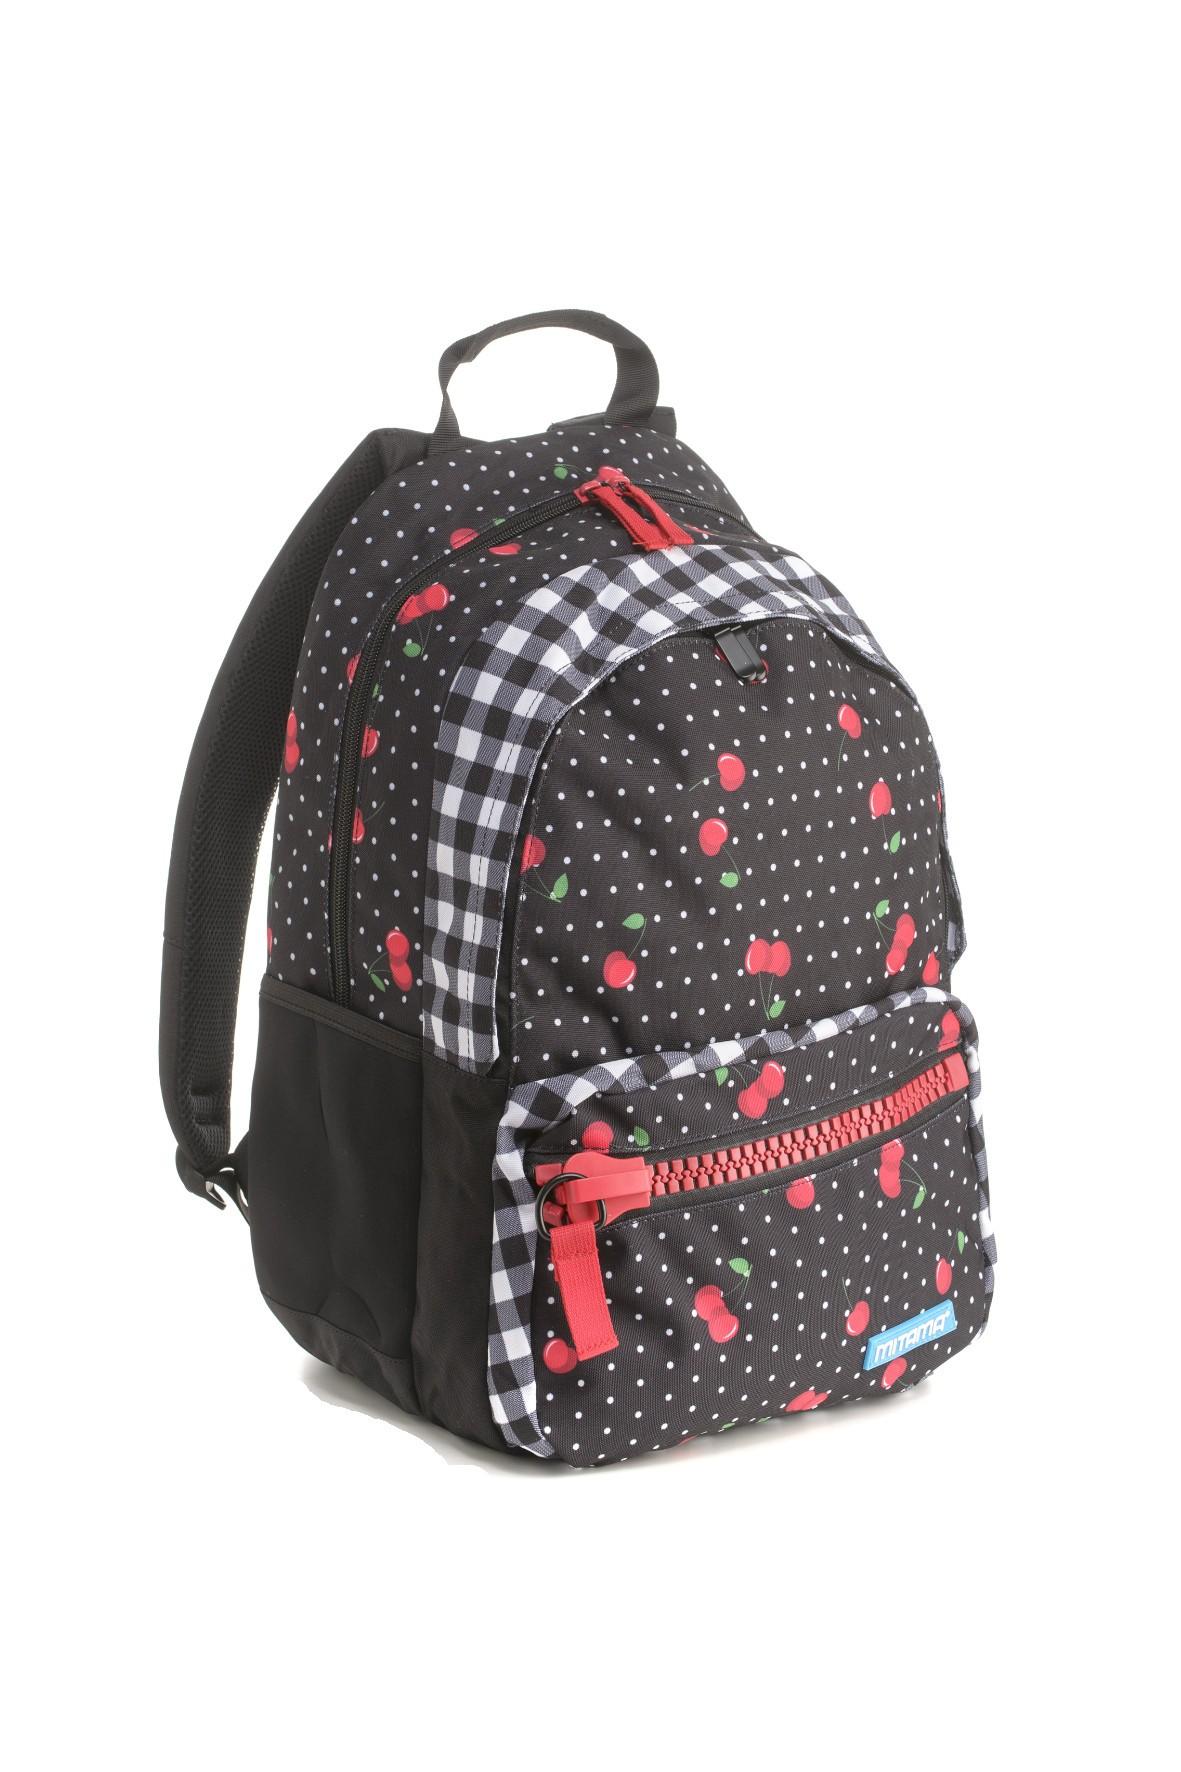 Plecak dziewczęcy szkolny w wisienki - czarny